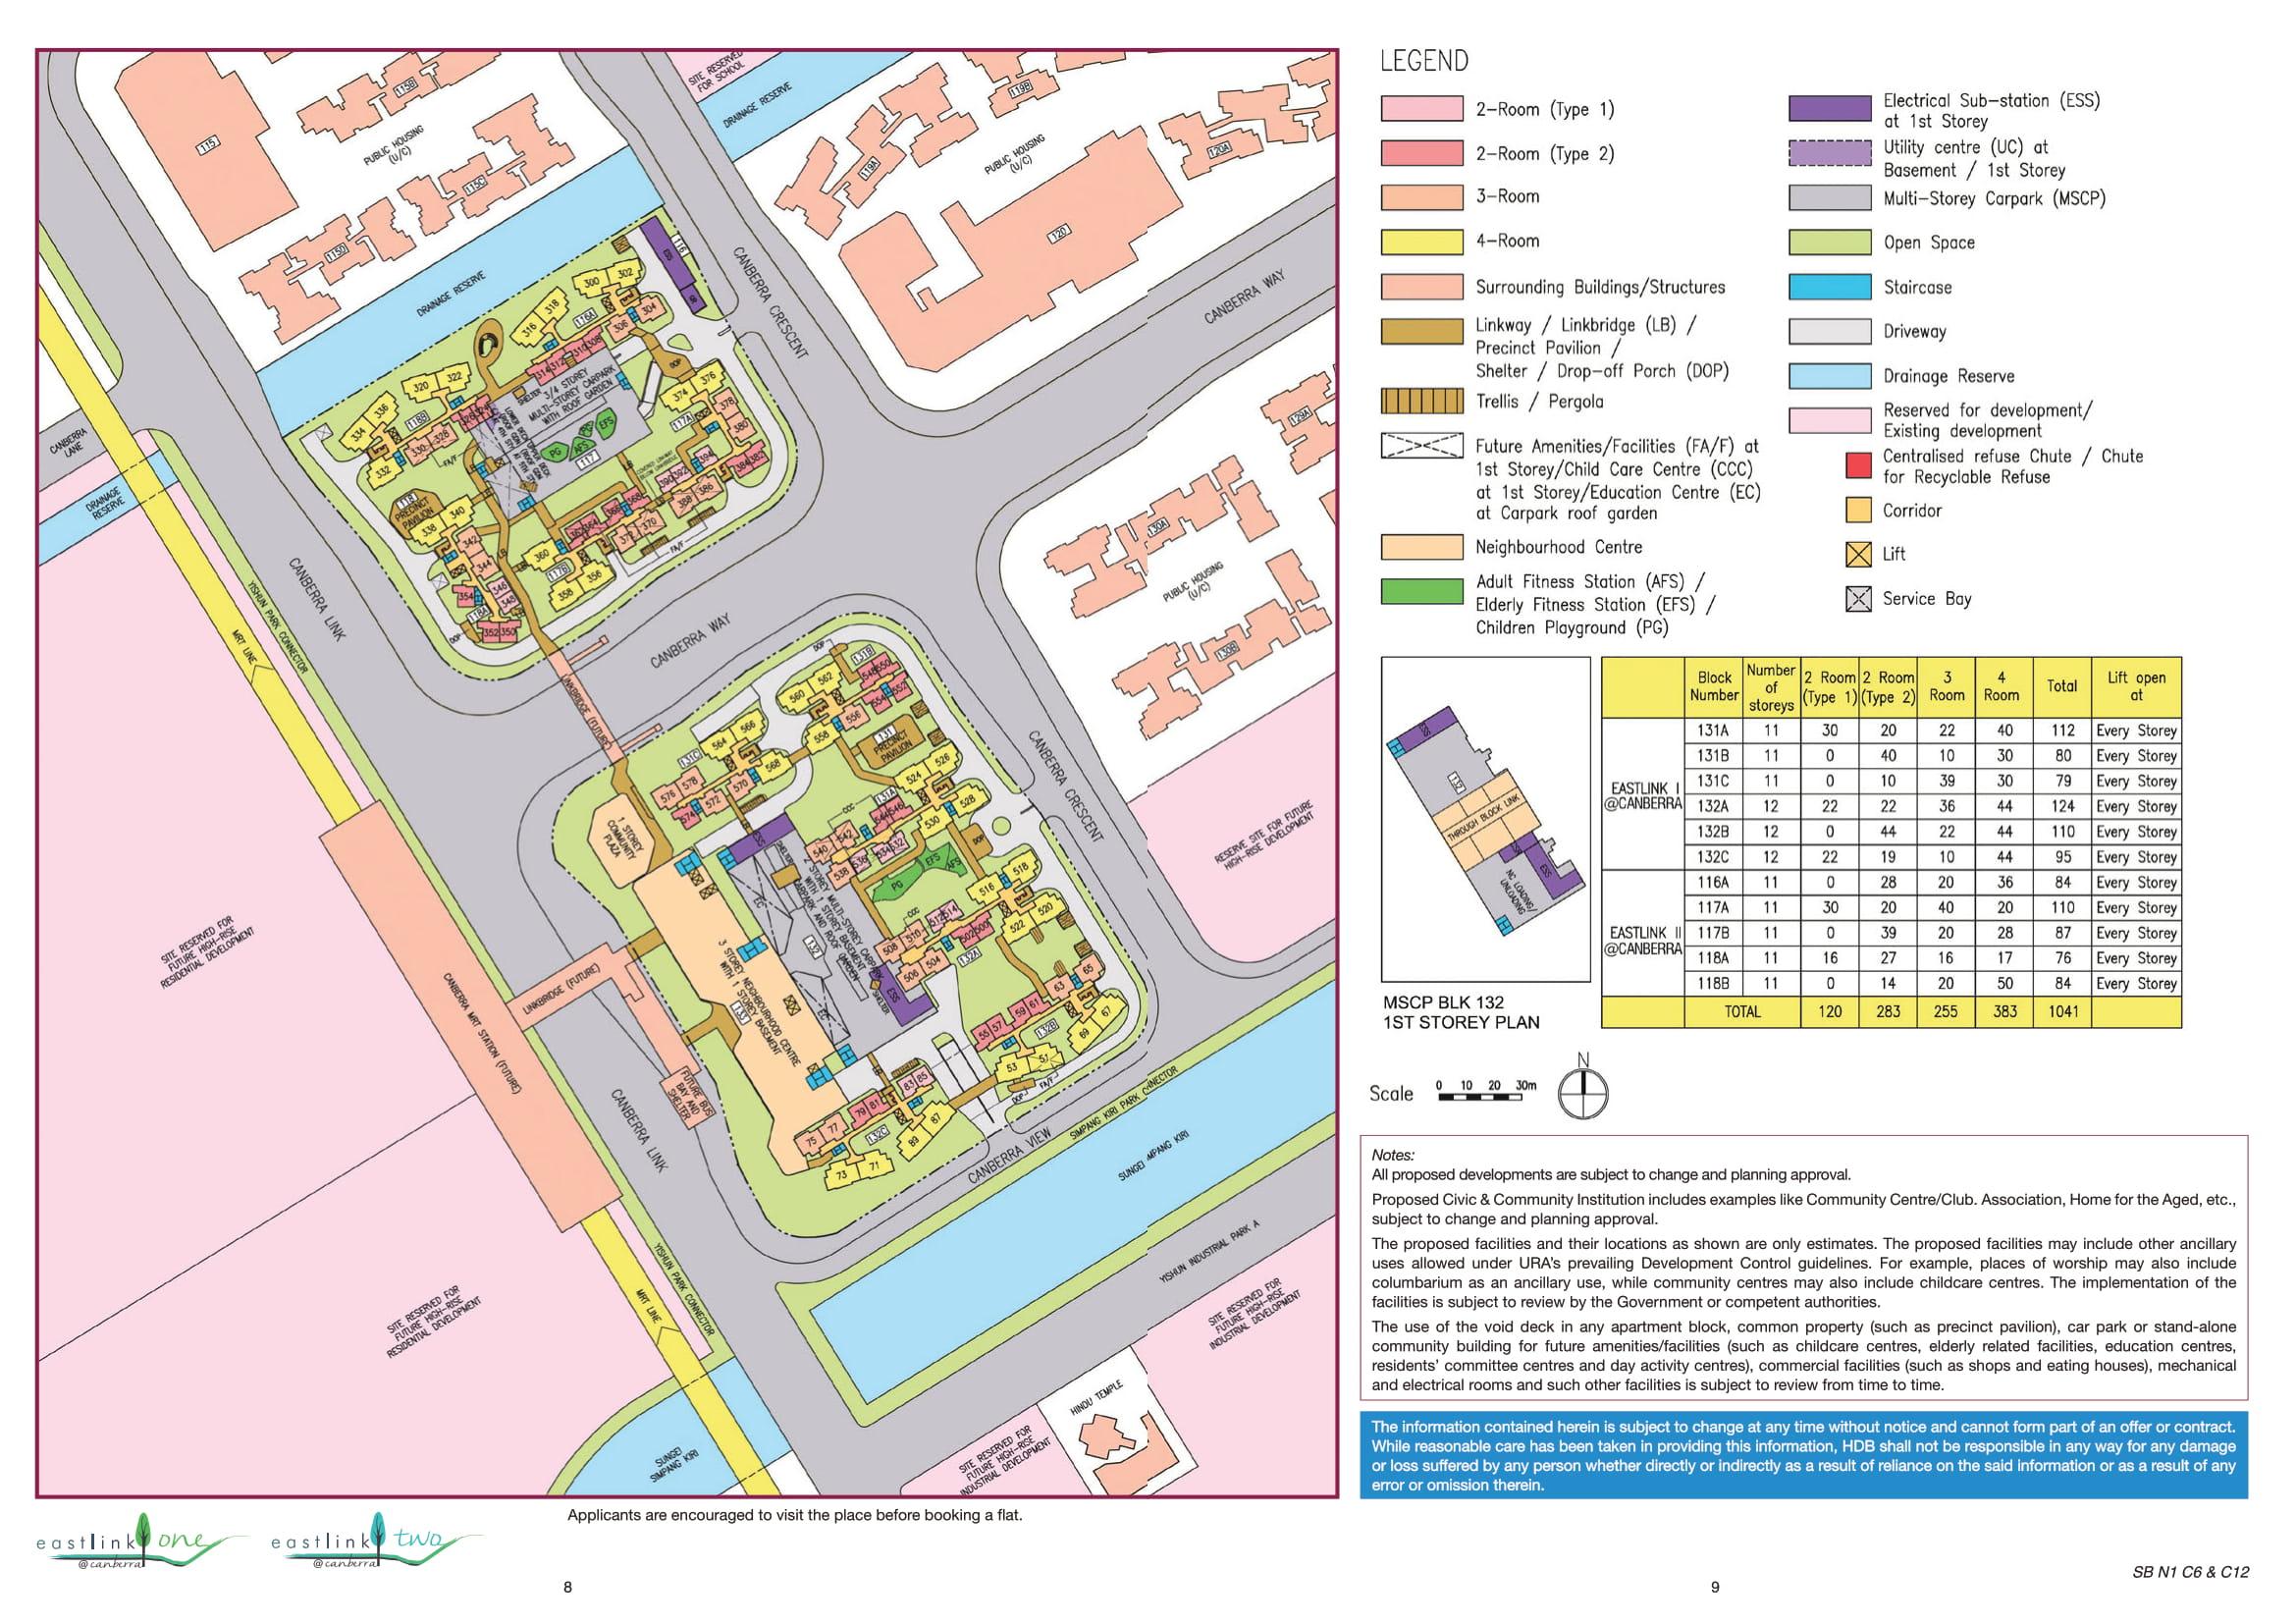 EastLink I @ Canberra Site Plan